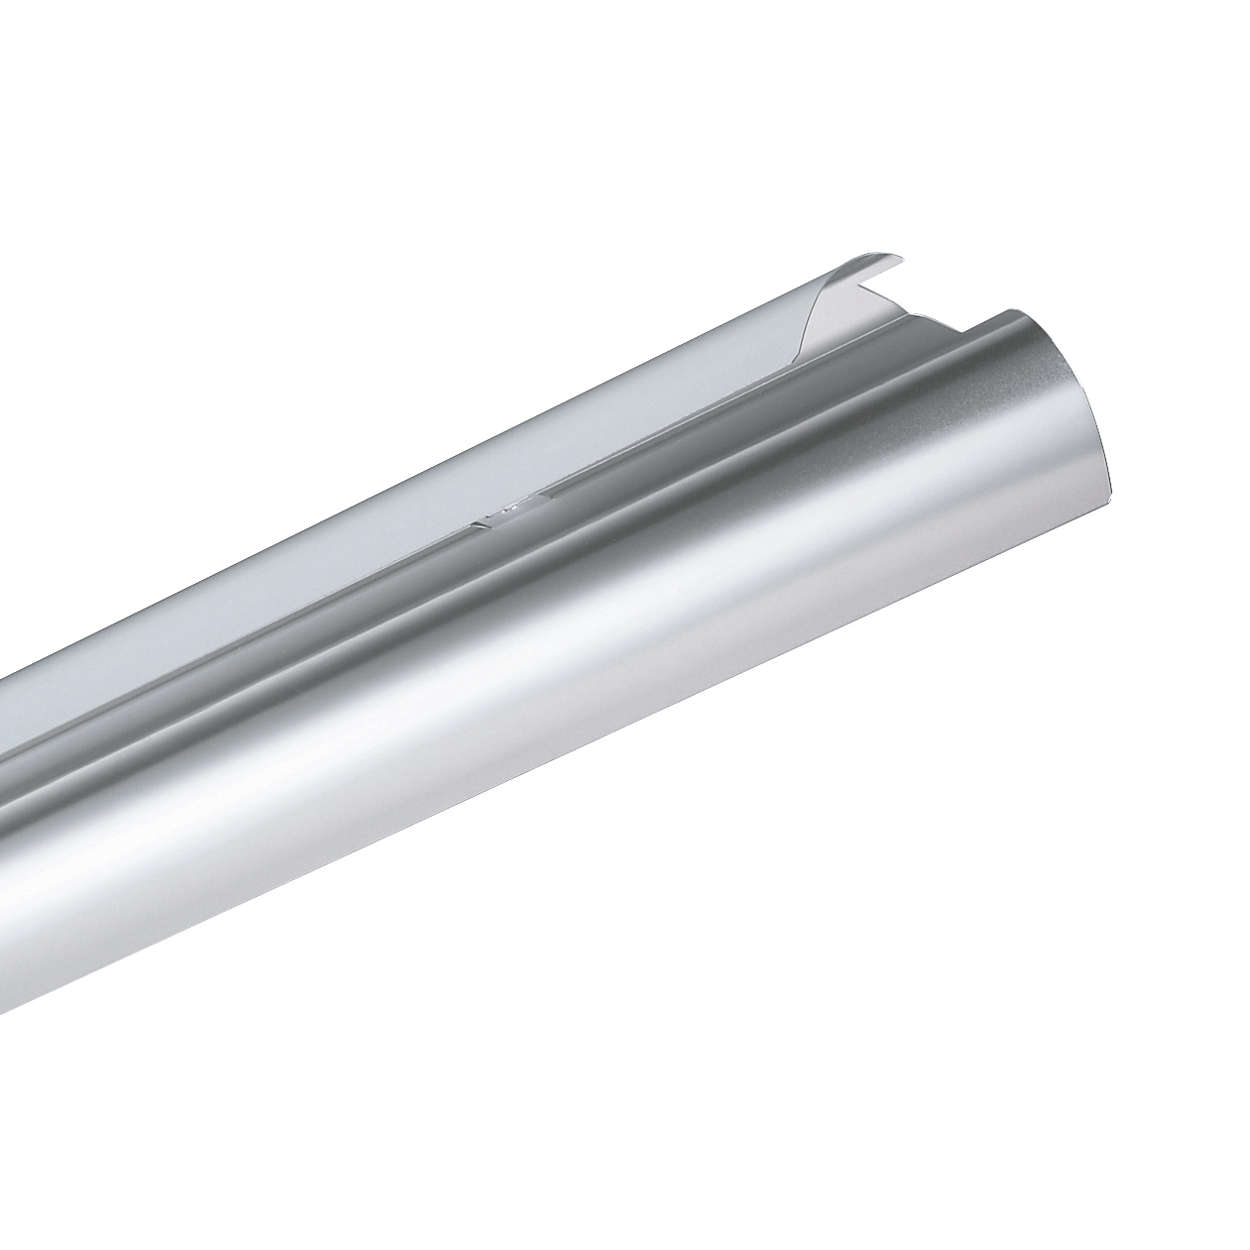 Reflektory a optika Maxos TL-D Universal – jeden základný dizajn, viacero samostatných riešení